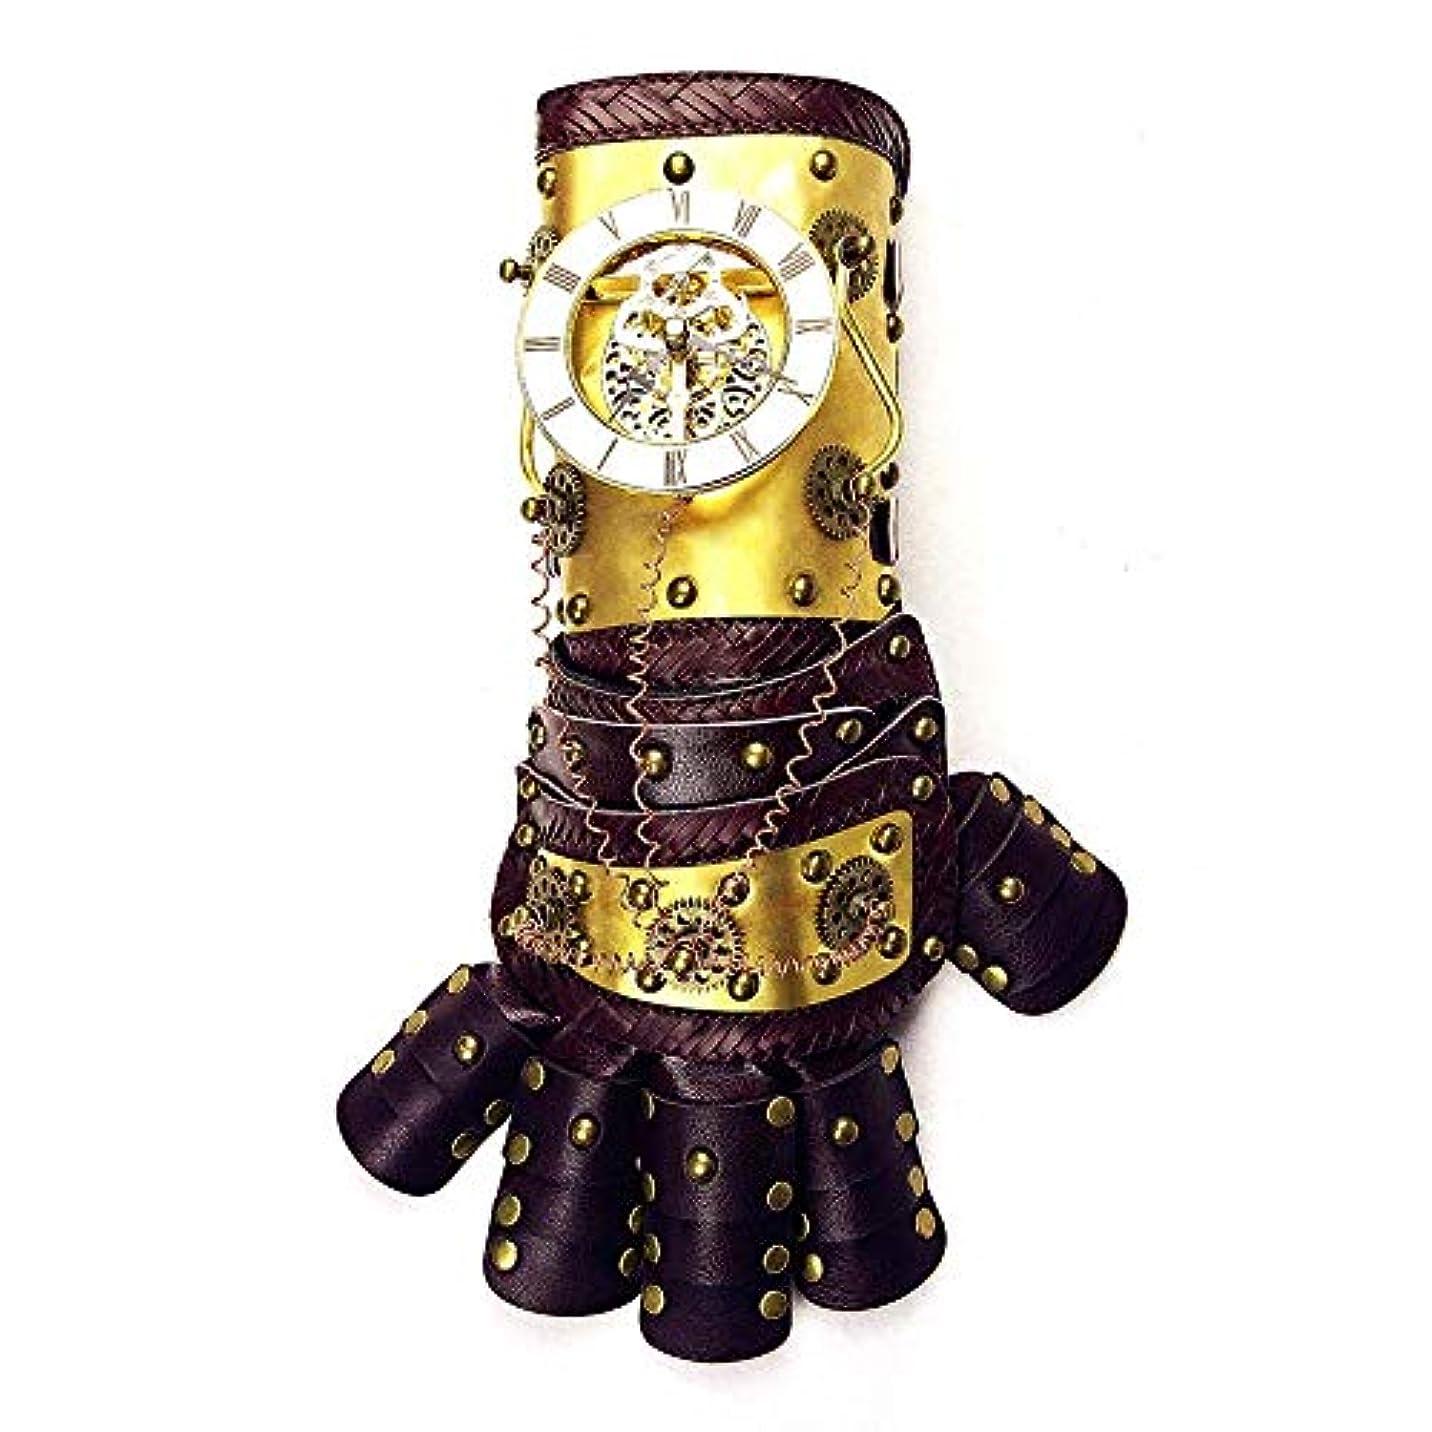 反毒モナリザ役に立たないETH スチームパンク機械式アーム手袋*長い一日のダンスパーティーの小道具37cmの* 13.5CM高い広い13CMをリンク 適用されます